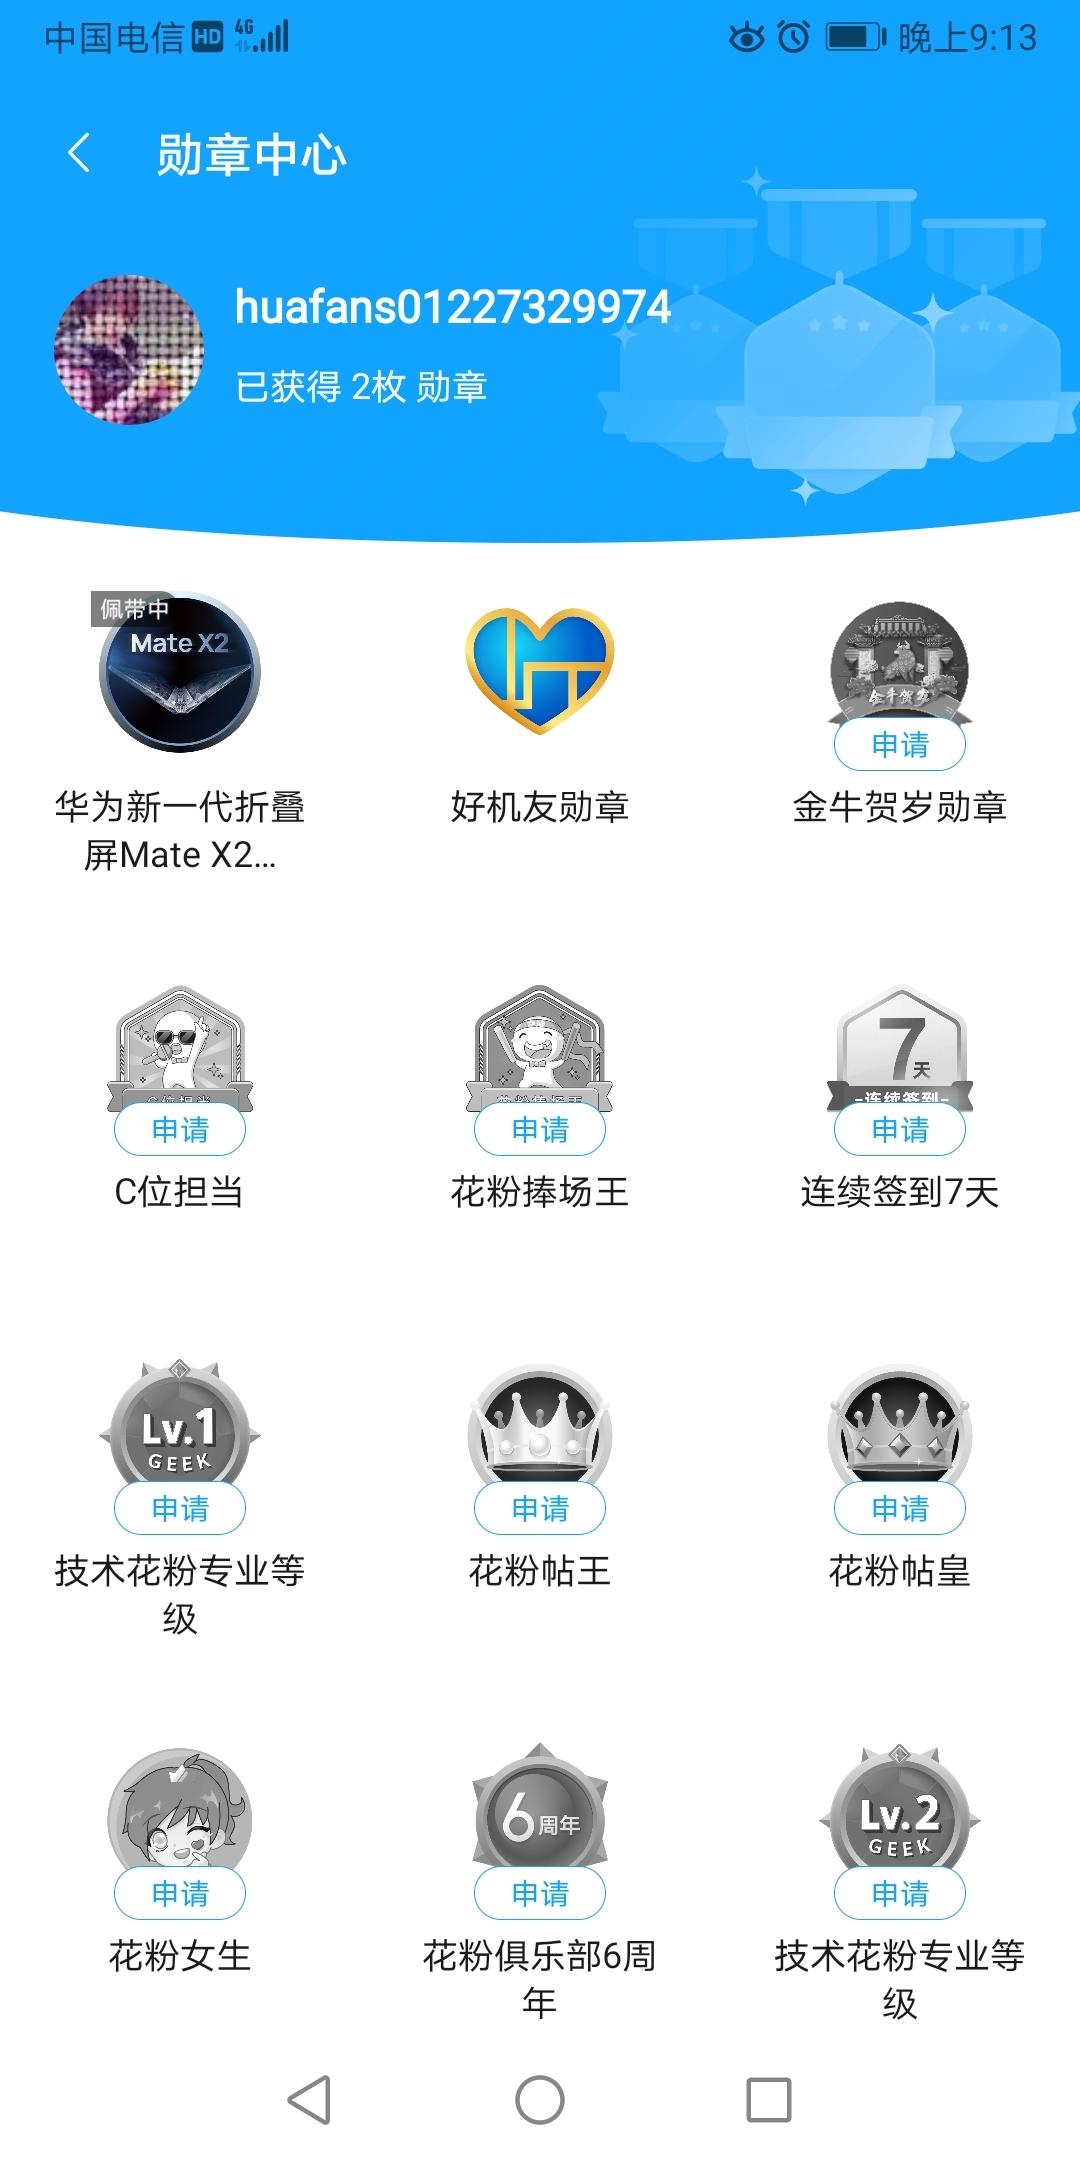 Screenshot_20210303_211352_com.huawei.fans.jpg